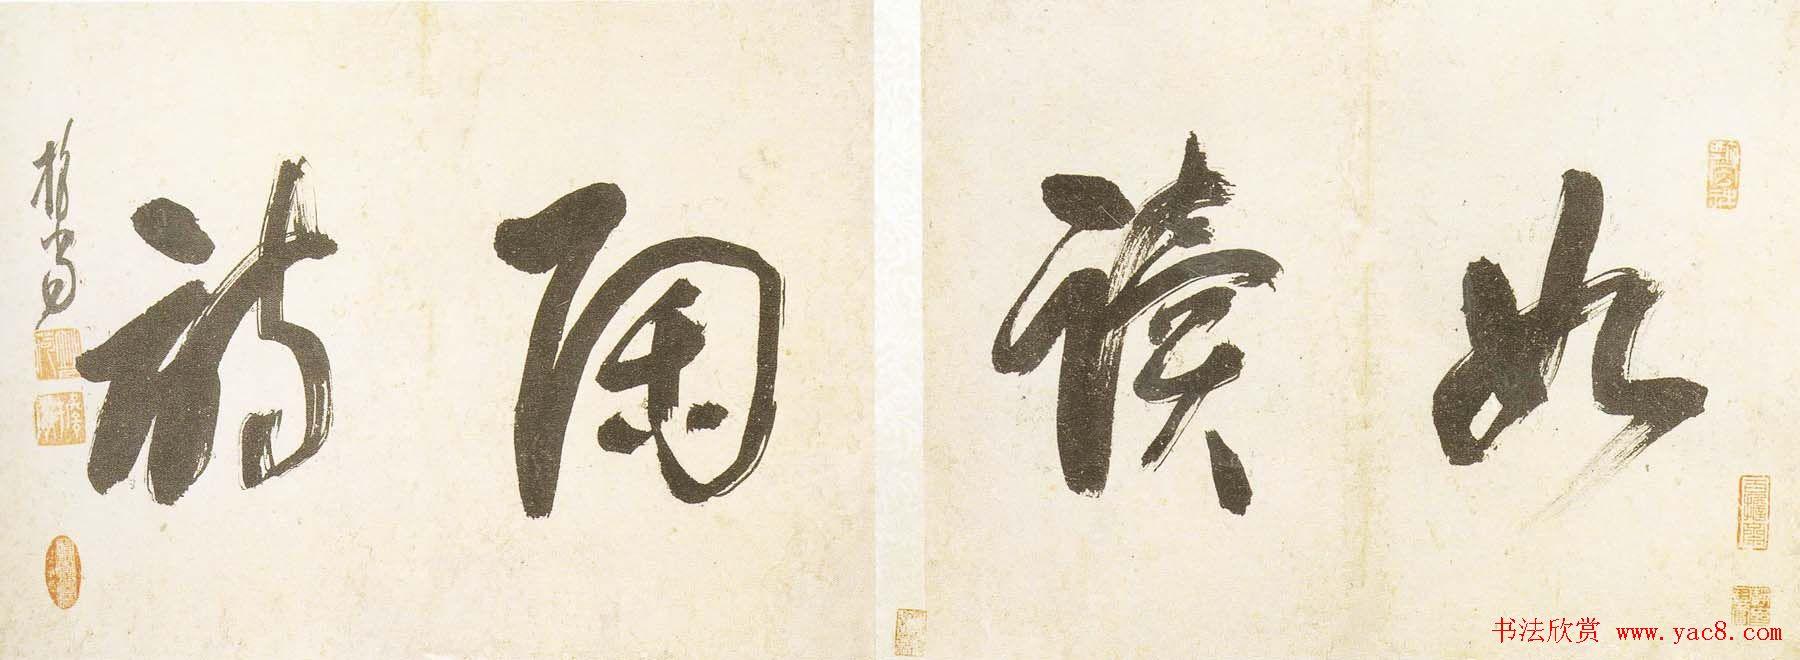 释担当高清书法墨迹欣赏《如读陶诗册》